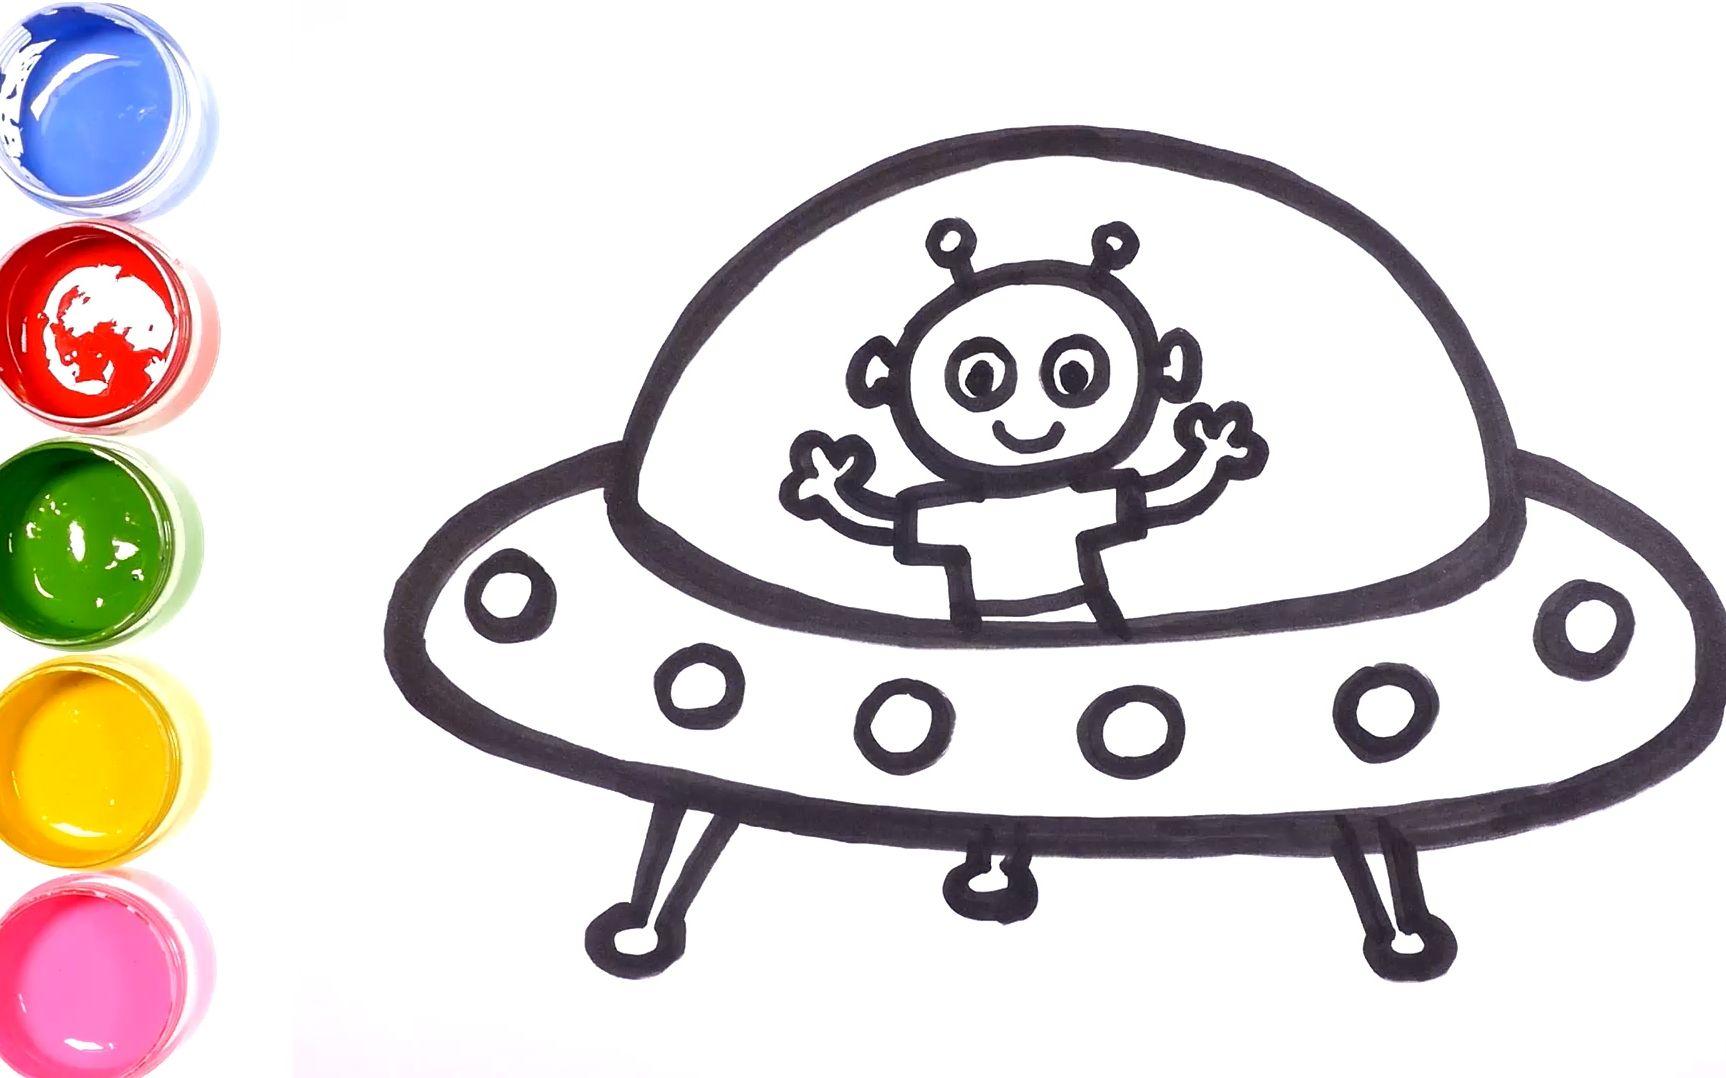 表情 简笔画太空飞船 教你画UFO 外星人 星球和机器人大白 学画画 哔哩哔哩 ゜ ゜ つロ 干杯 bilibili 表情